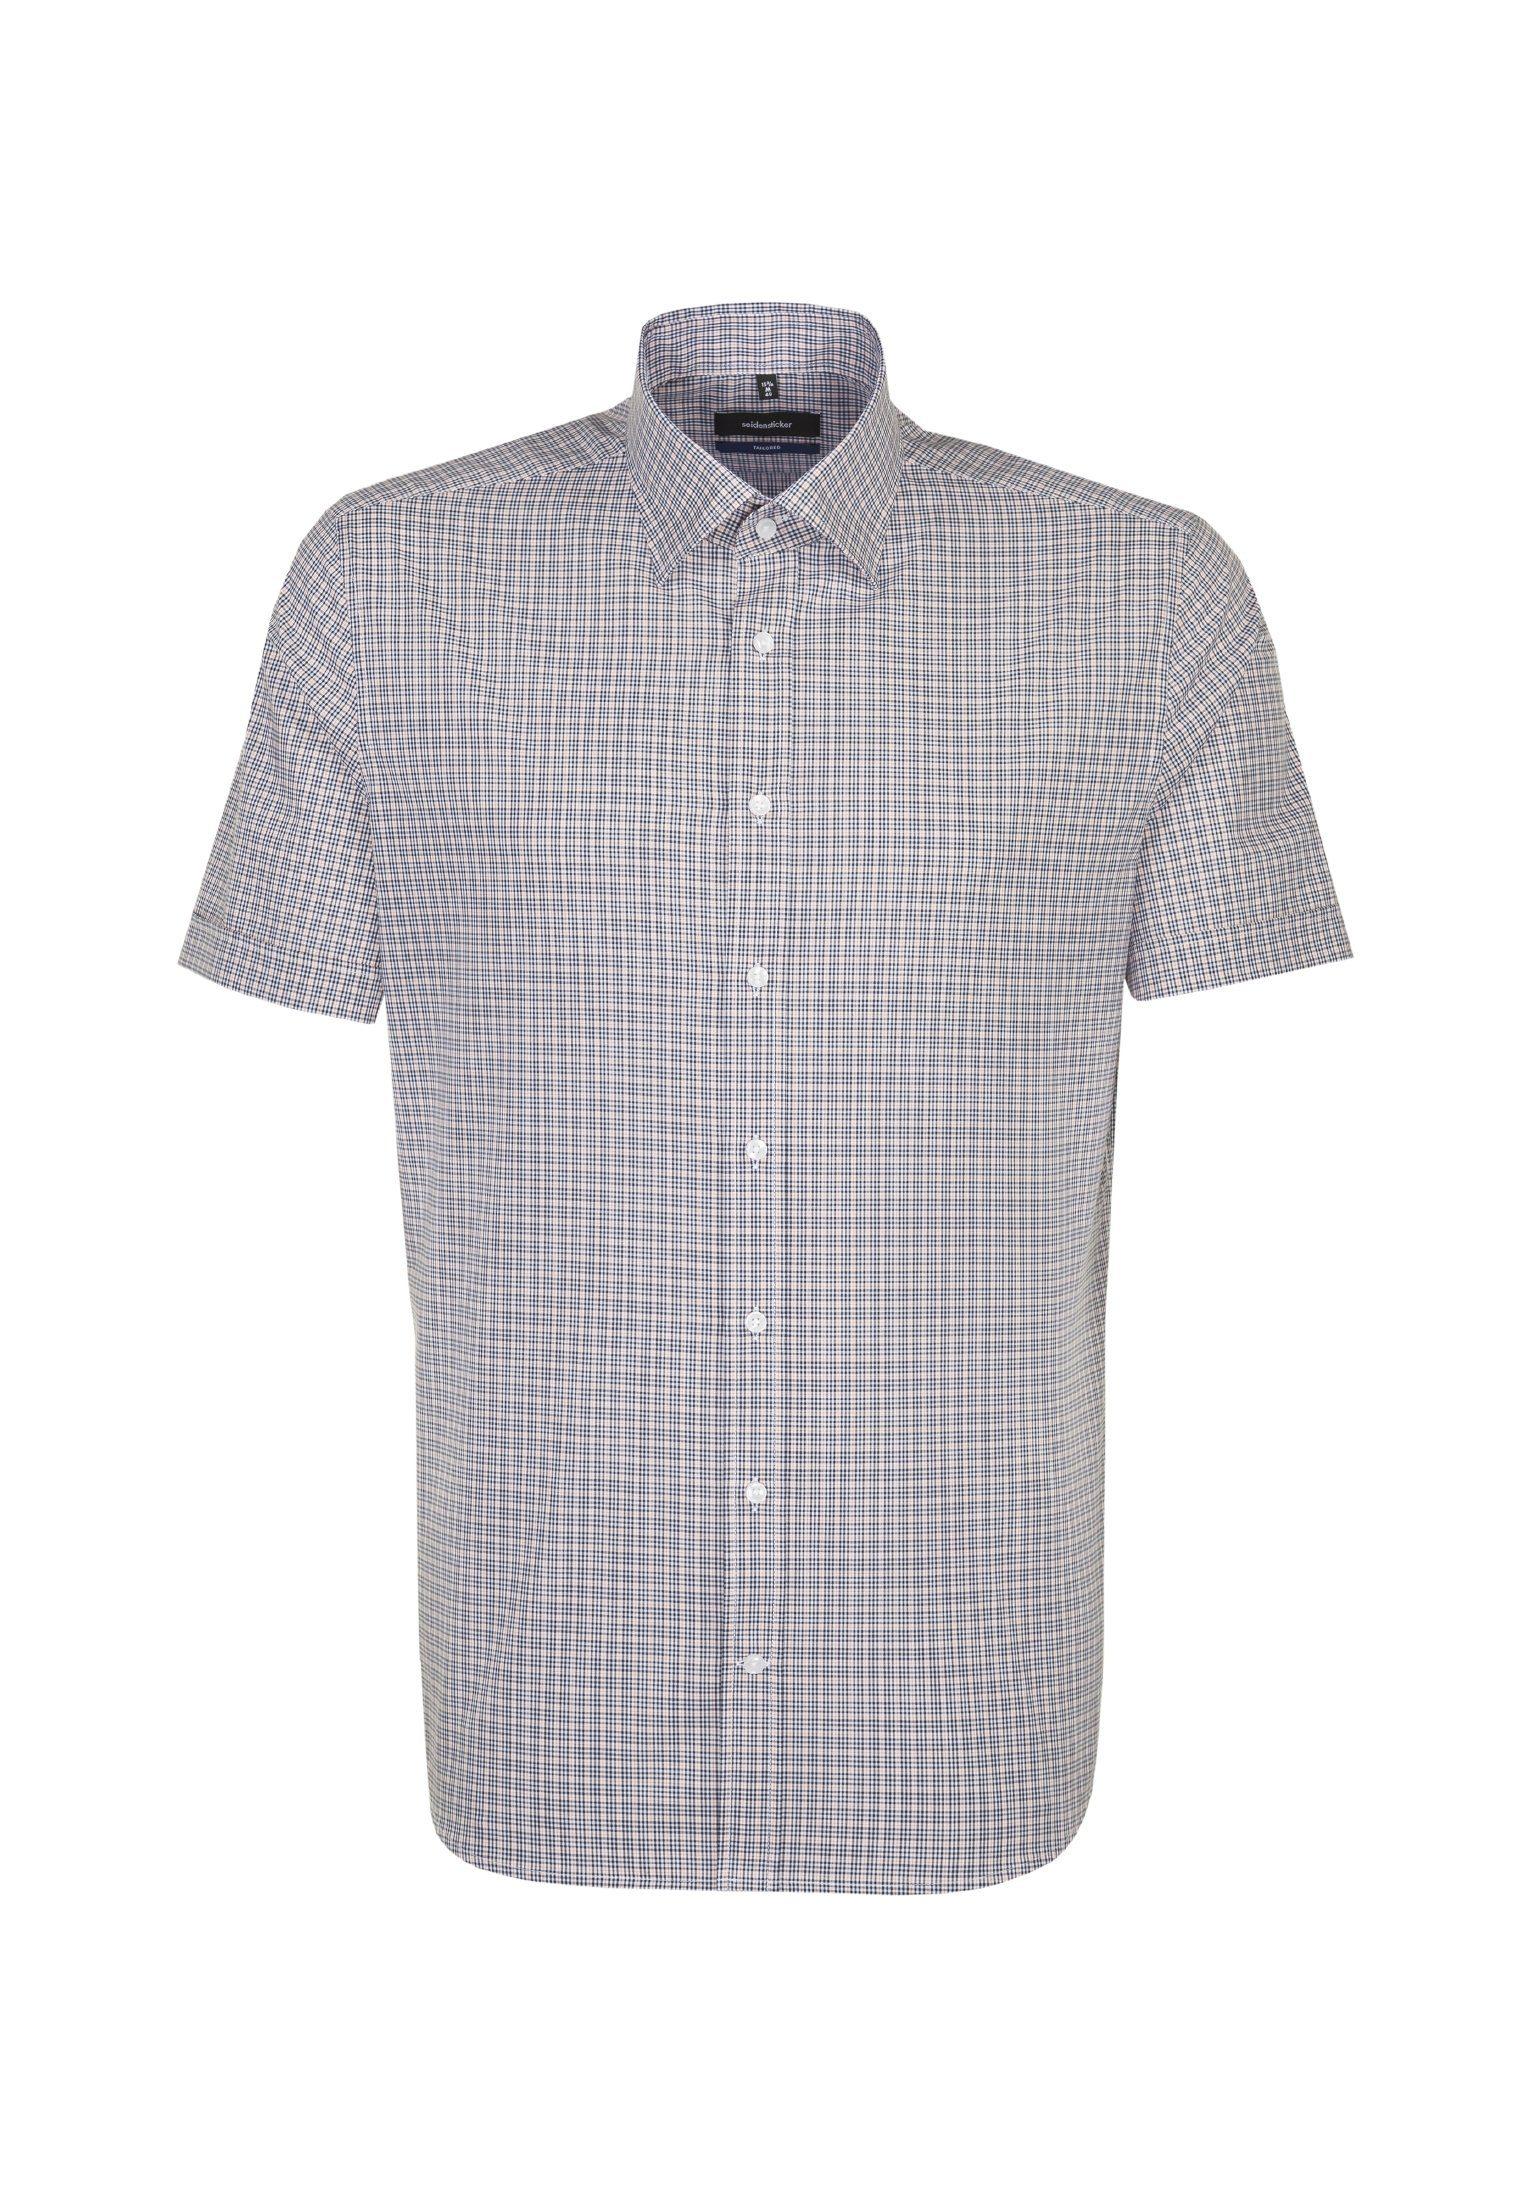 seidensticker Businesshemd »Tailored« Tailored Kurzarm Covered Button Down Kragen Karo online kaufen | OTTO